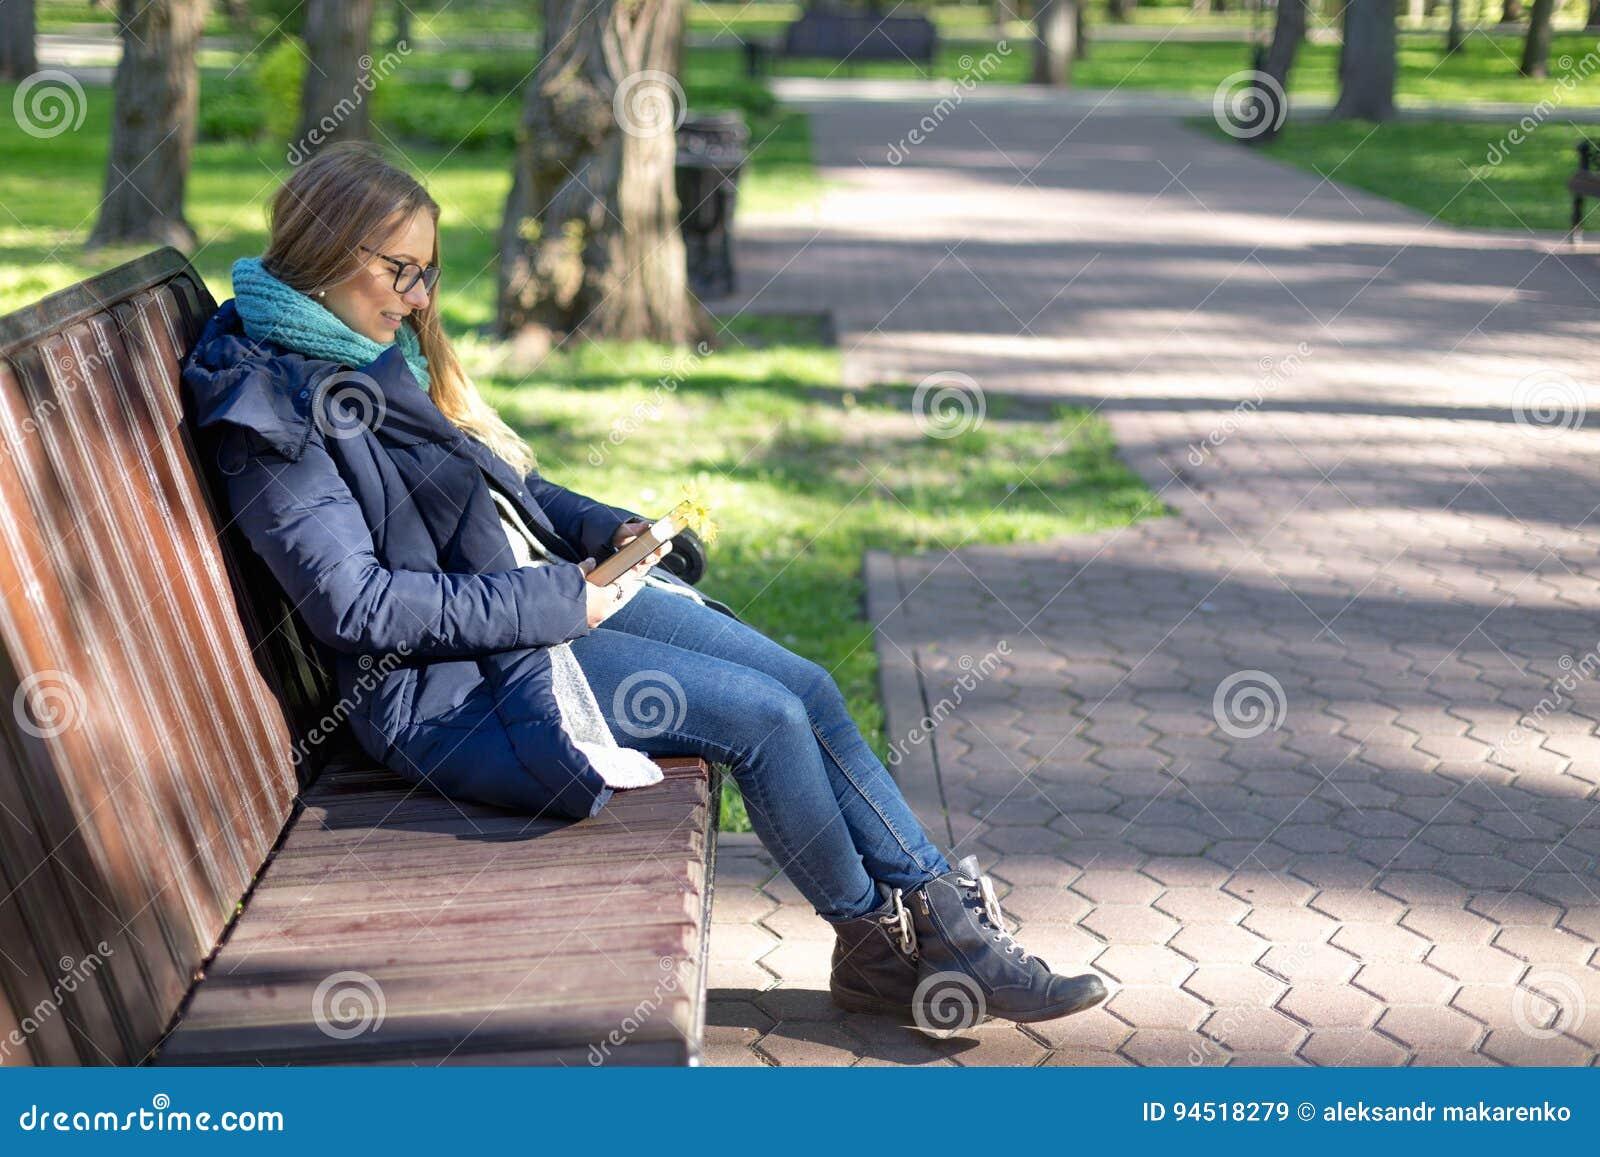 Девушки сосут в парке на людях